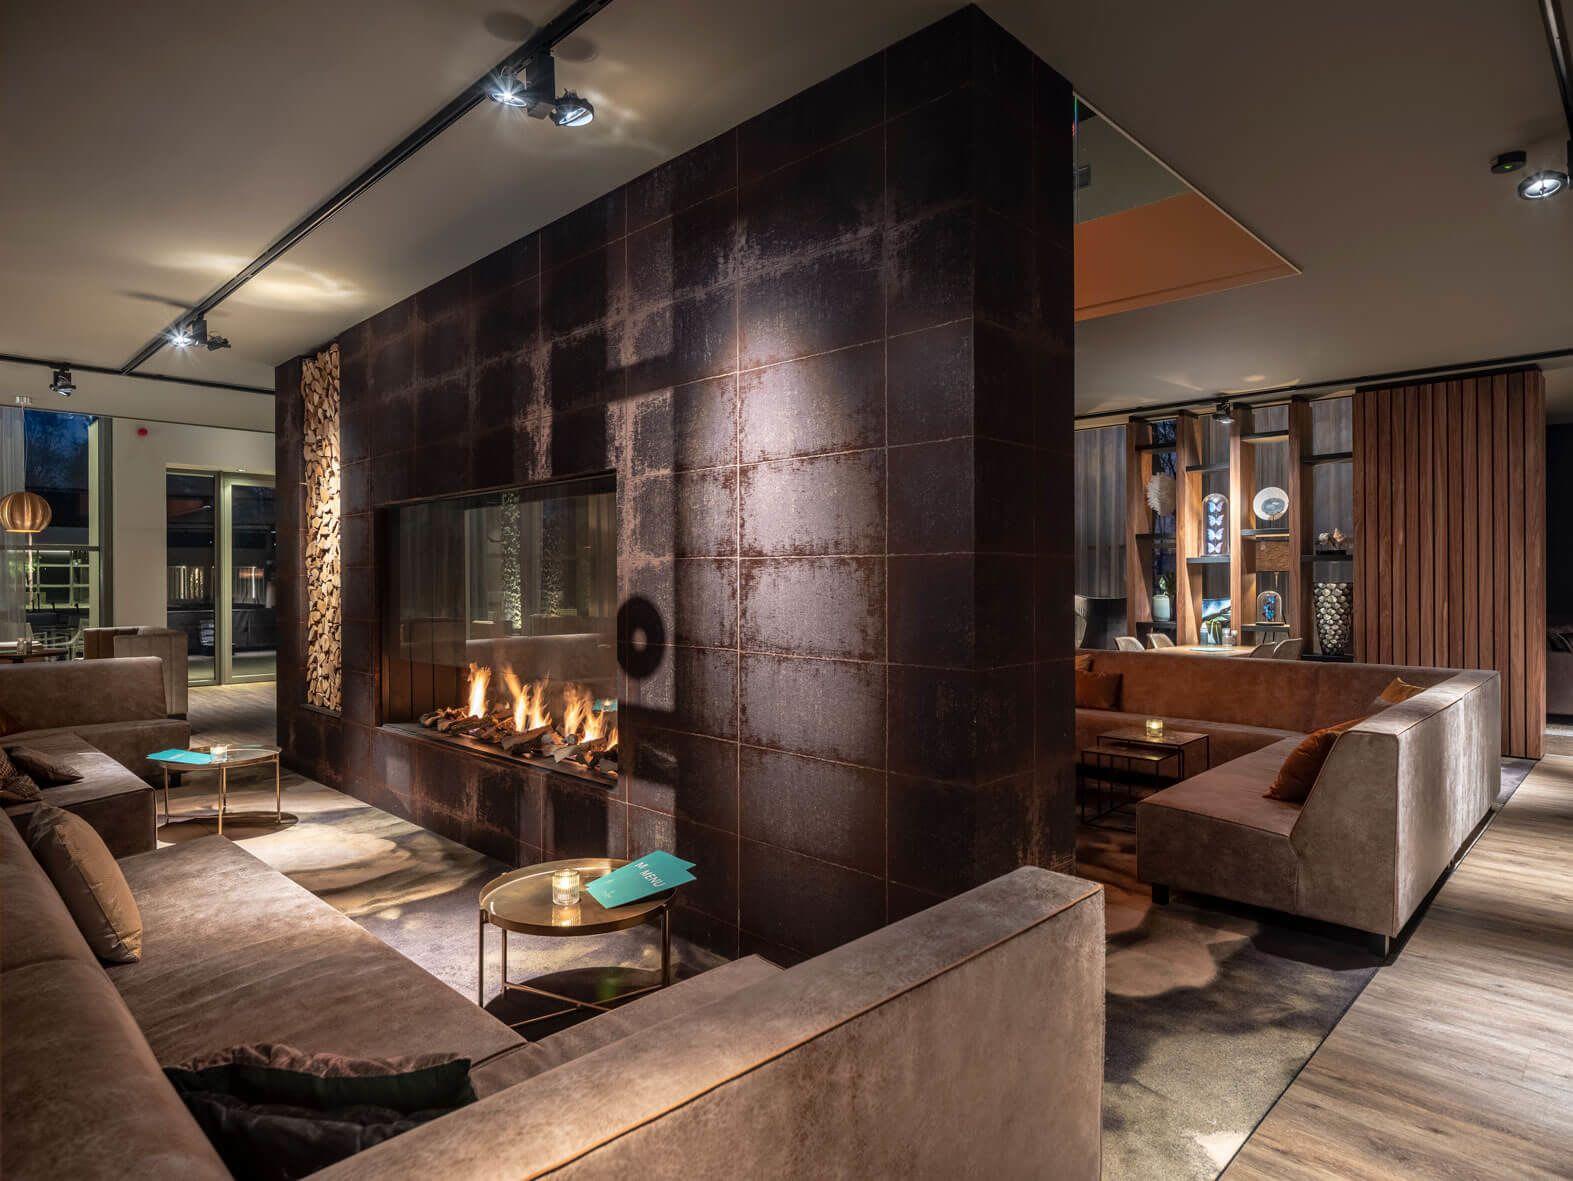 Interior Design by Hans Kuijten seen at SpaOne, Oosterhout - Interior Design